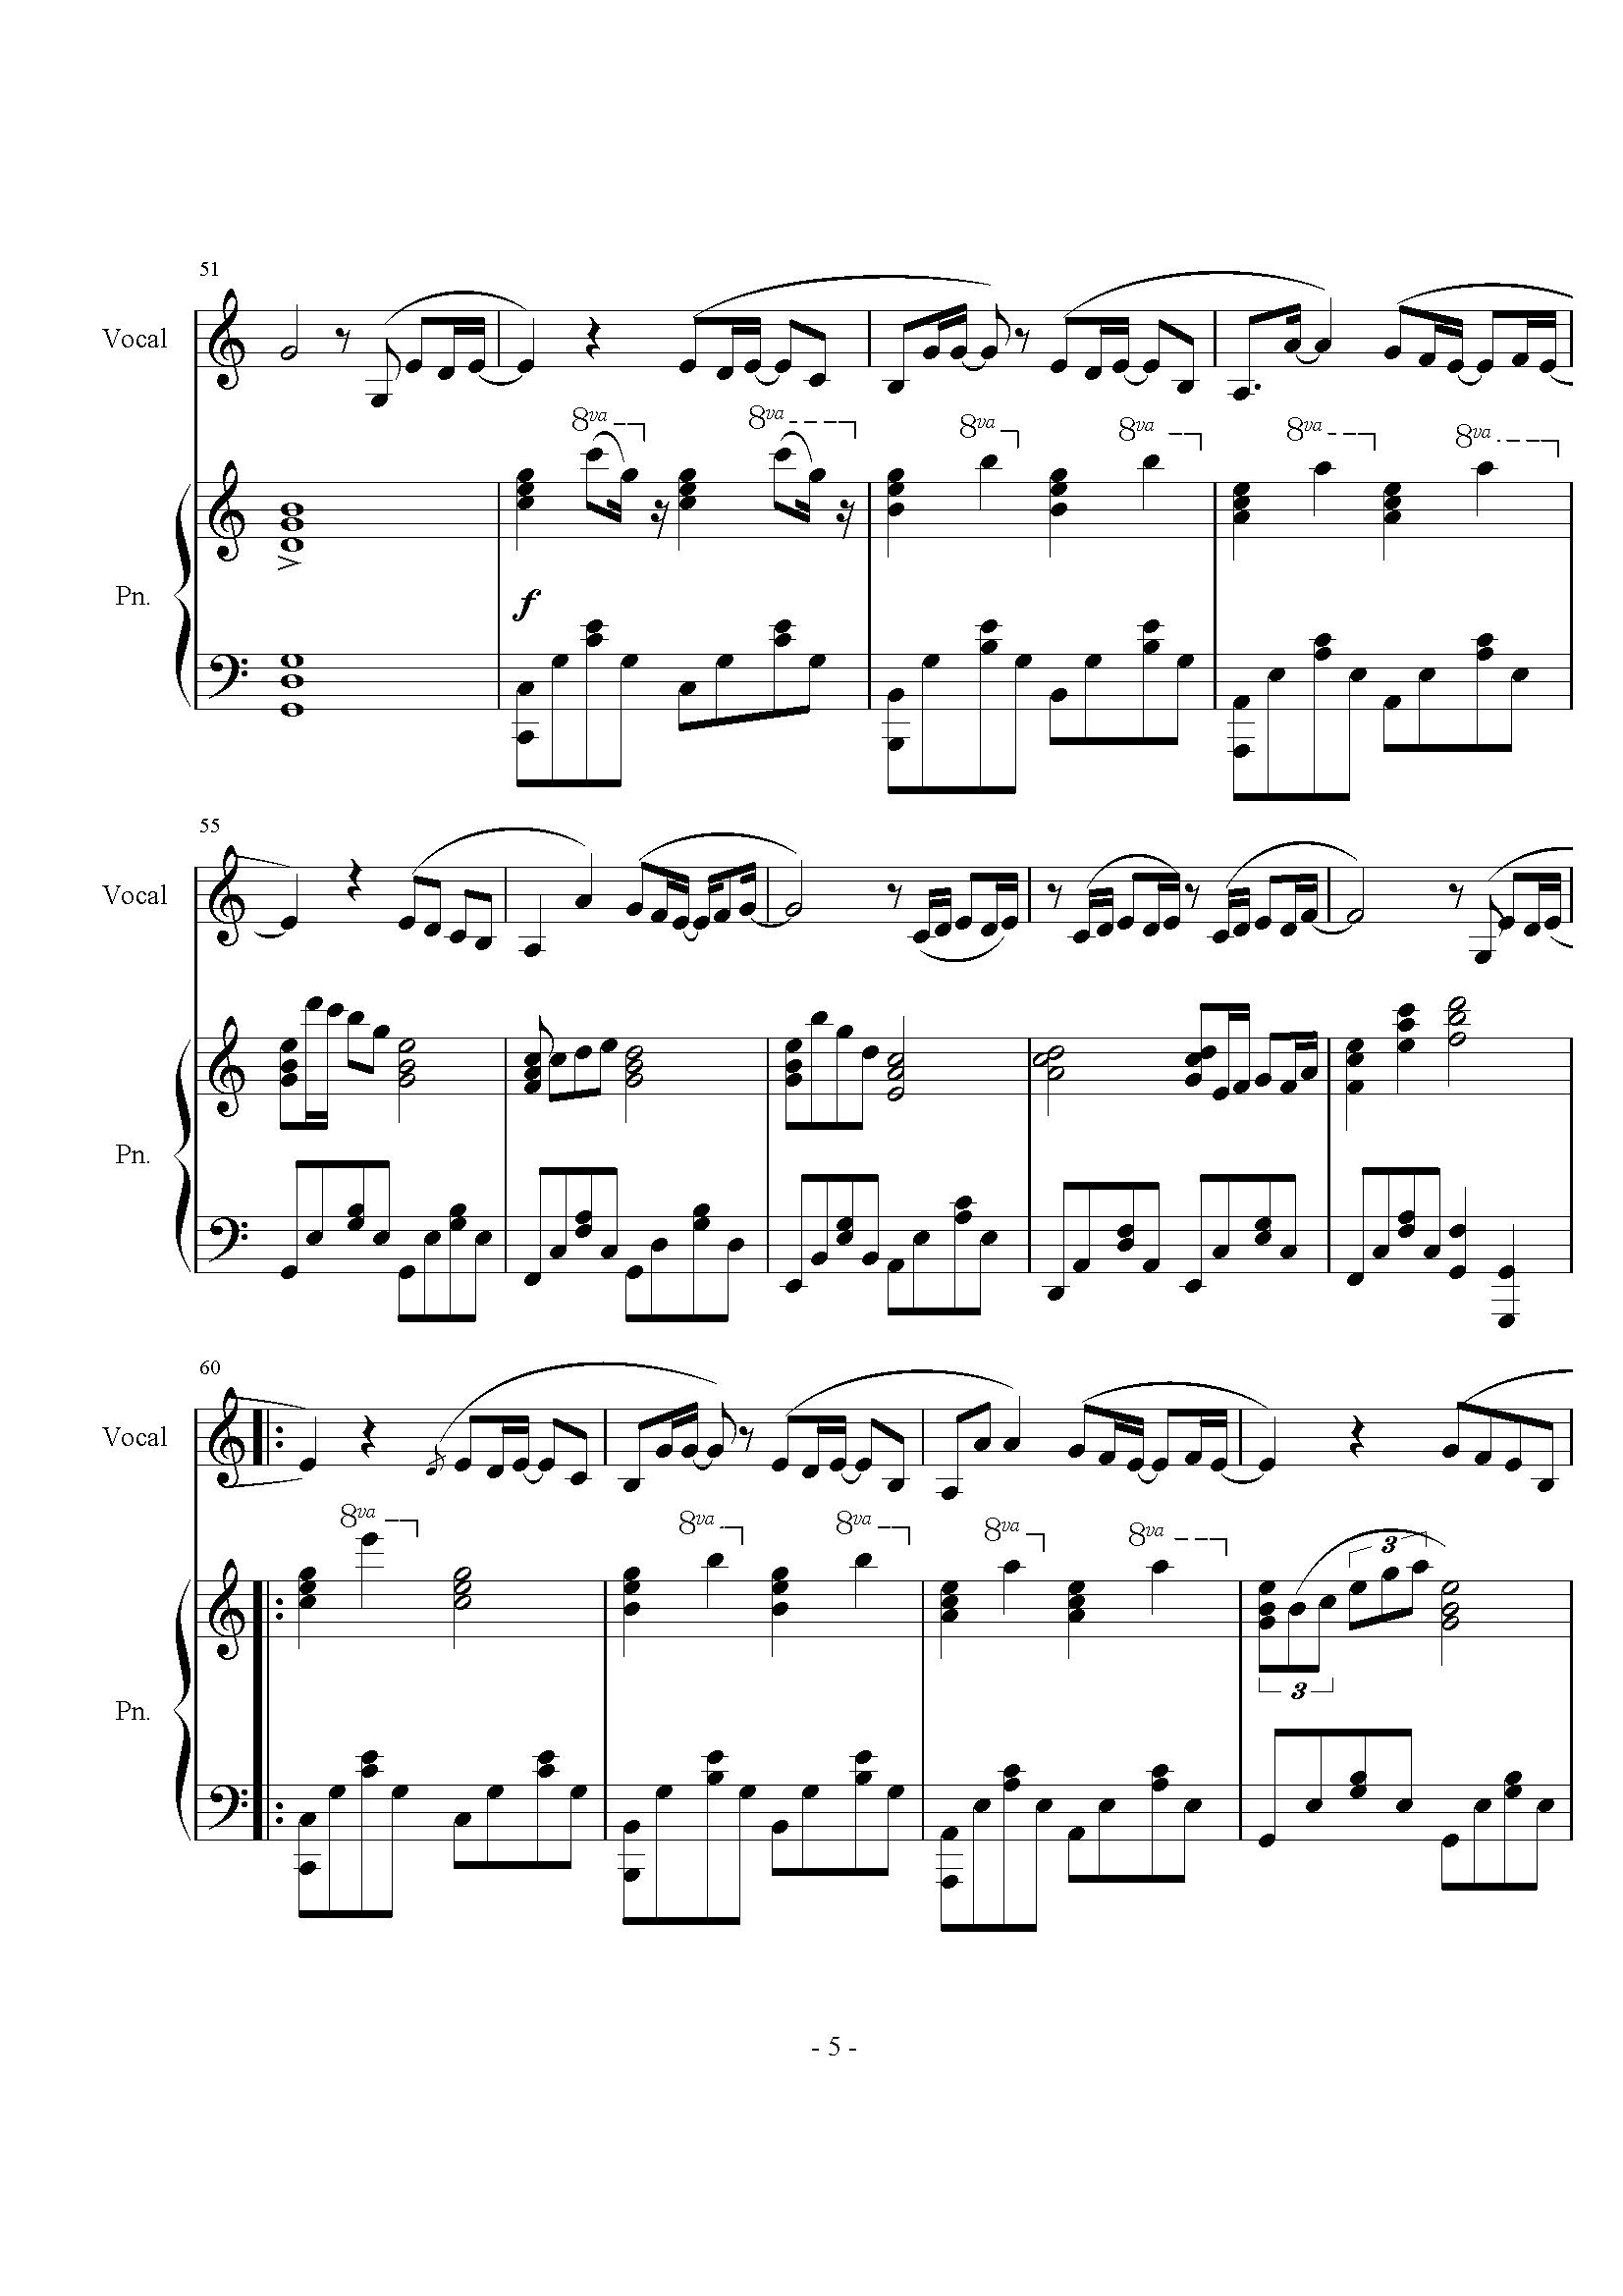 没如果 弹唱 完整详细版 ,可惜没如果 弹唱 完整详细版 钢琴谱,可惜